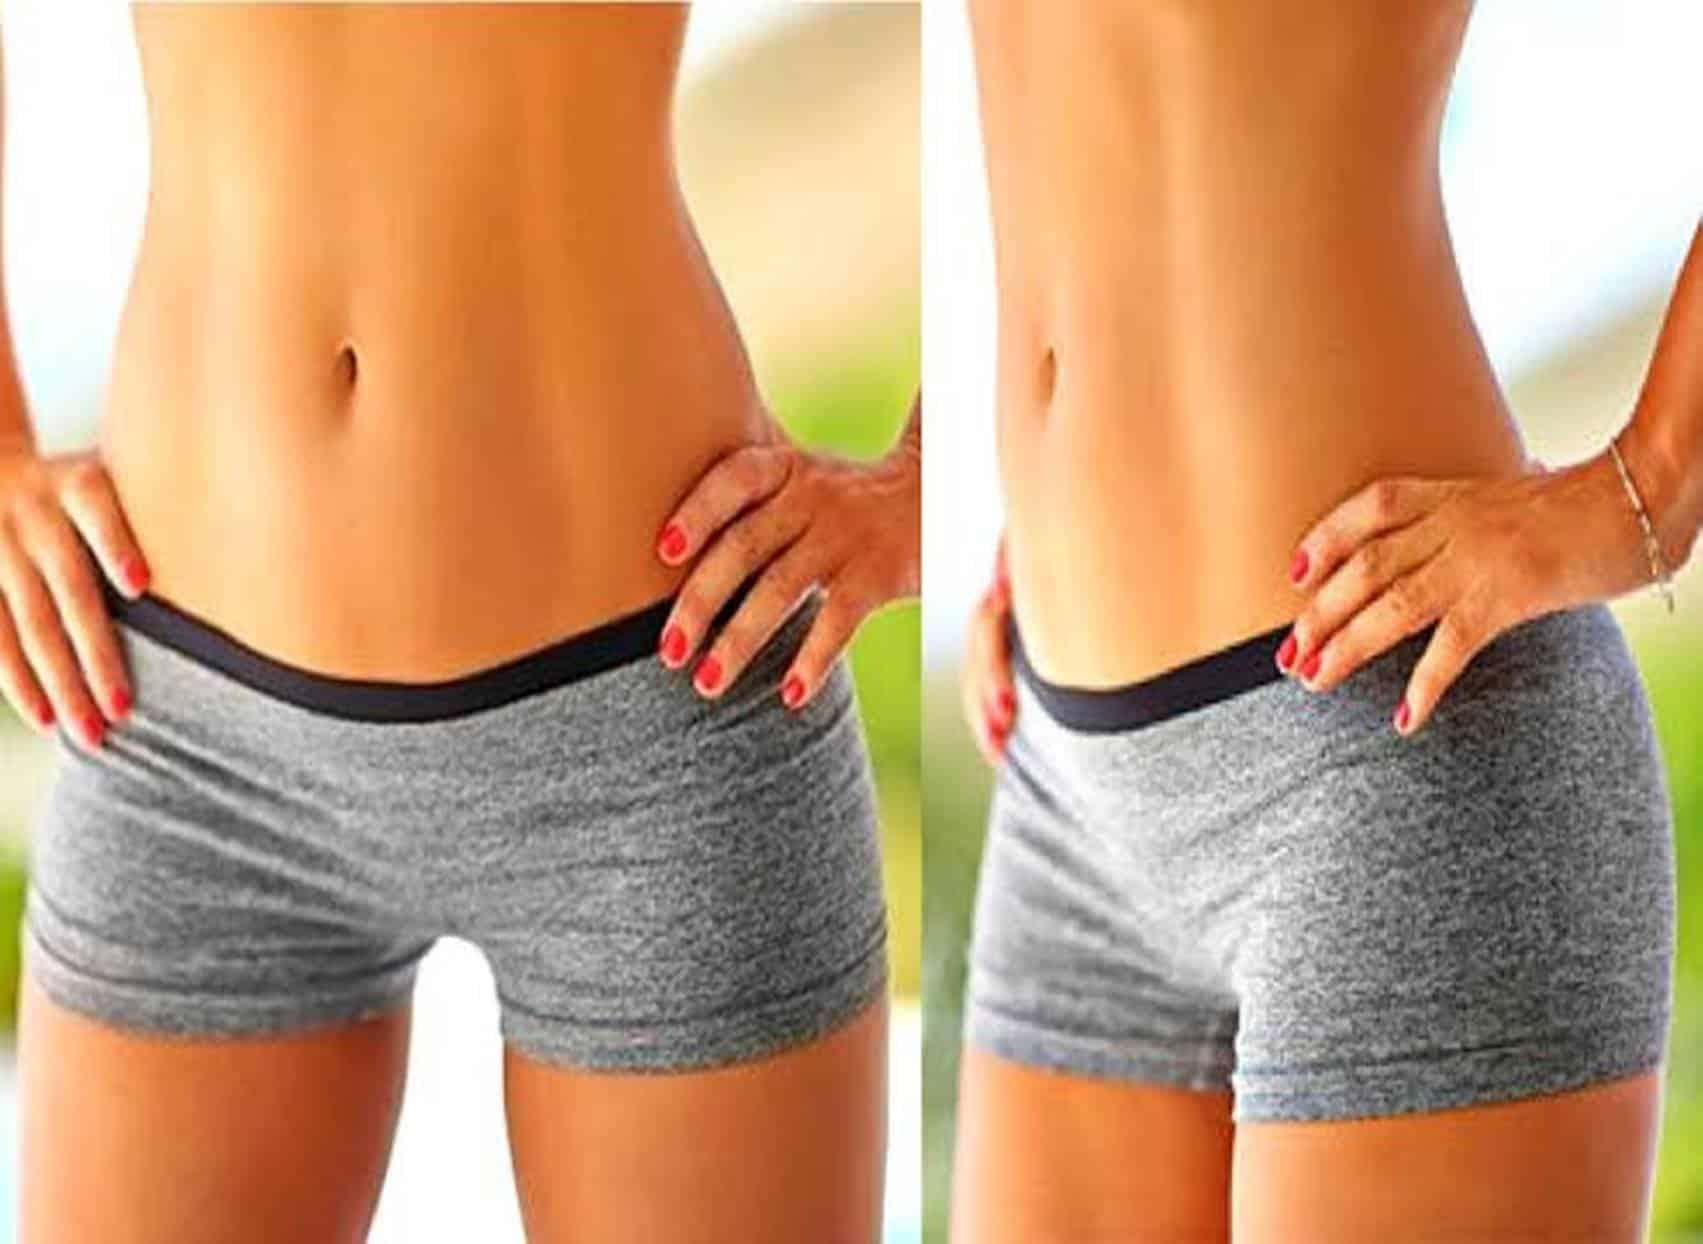 Nutricionista lista 14 dicas para perder peso com saúde